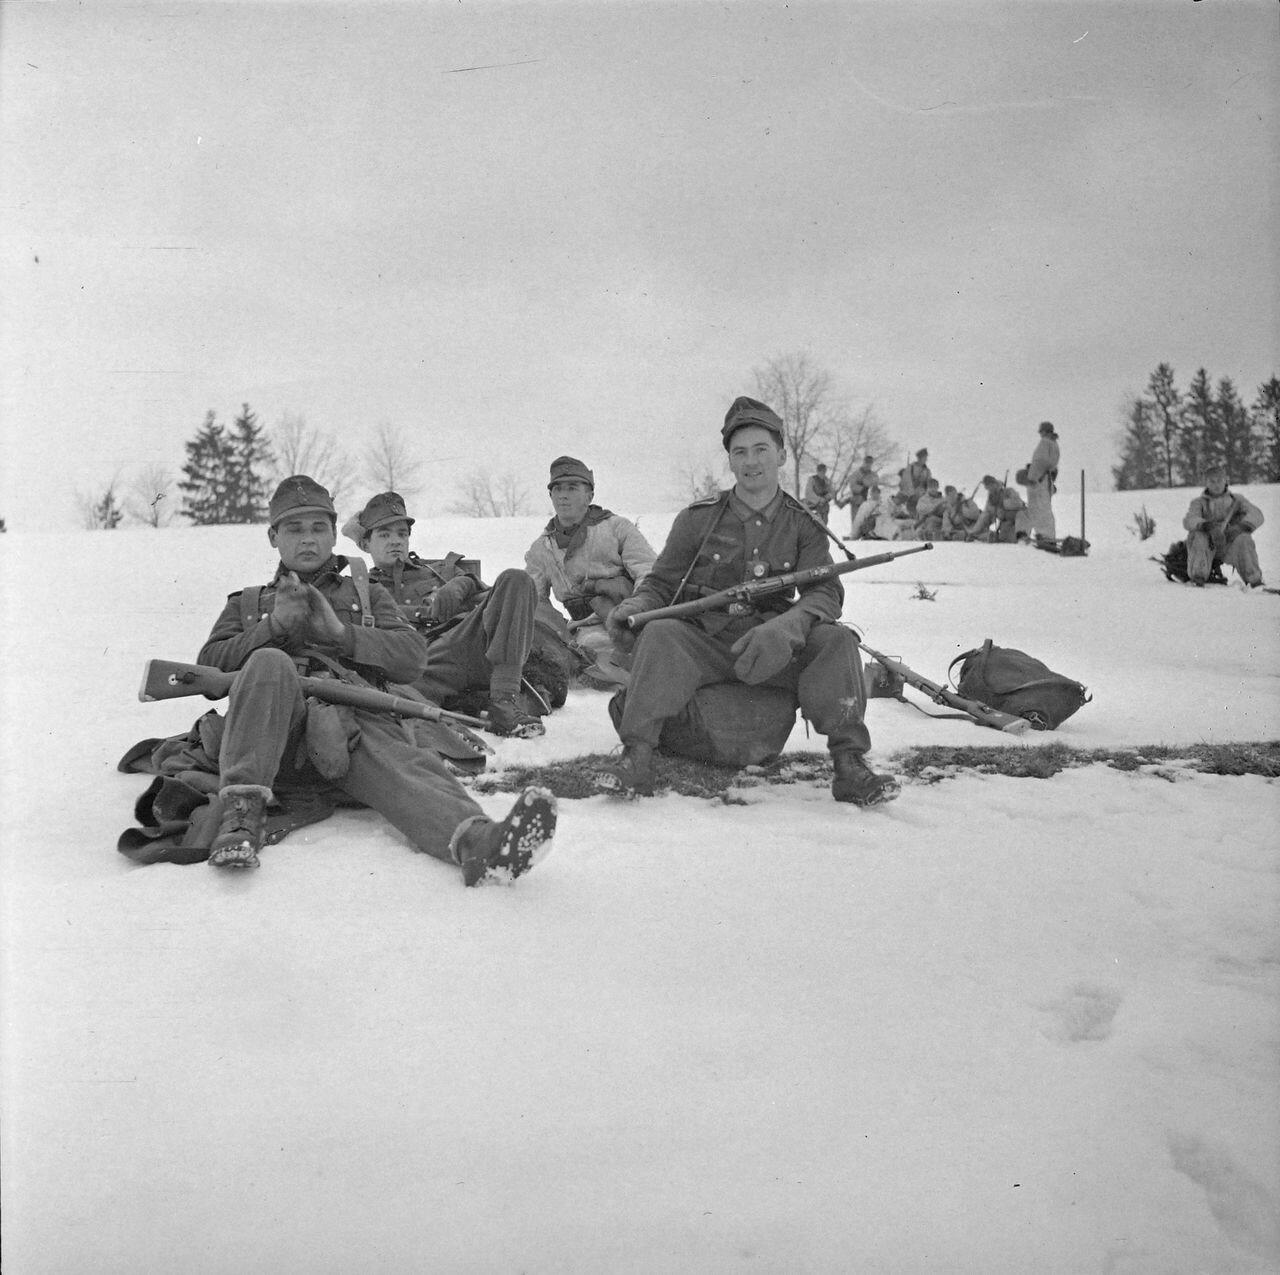 Солдаты на снегу